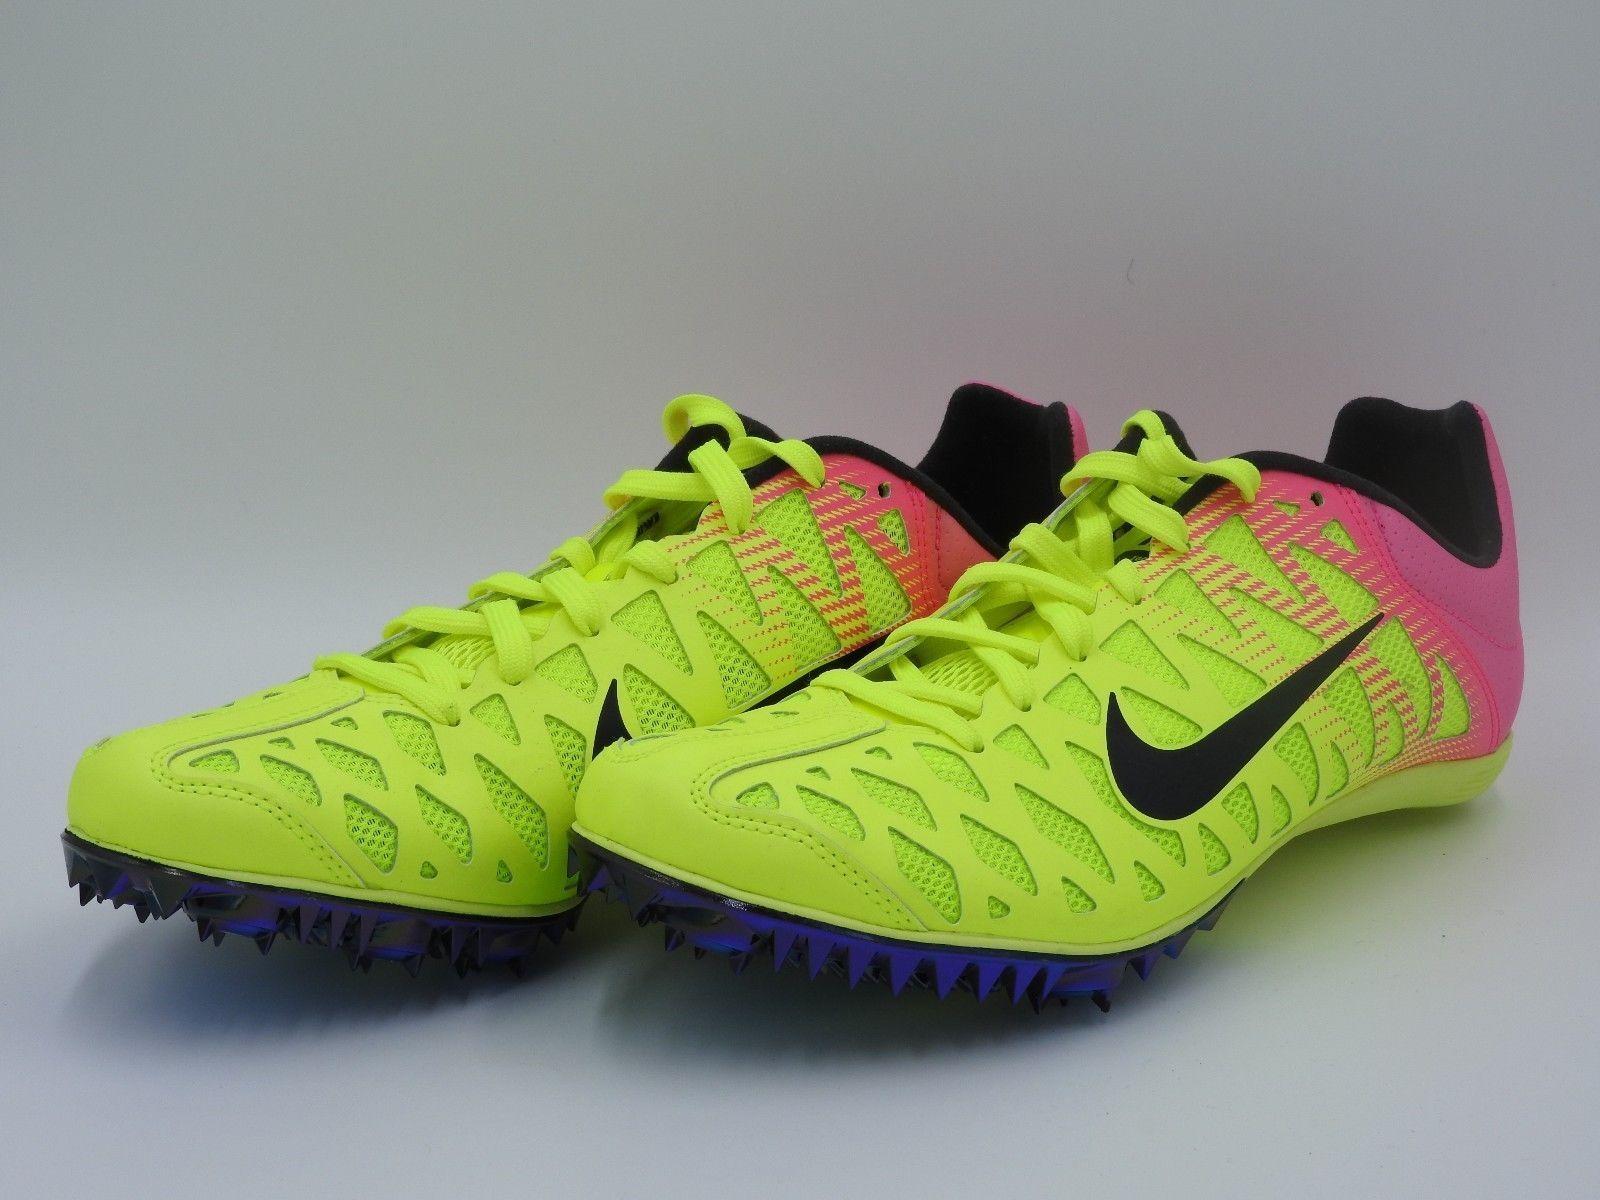 Nike zoom maxcat 4 uomini e scarpe da ginnastica stile stile stile 549150-999 msrp | Il Nuovo Prodotto  | Uomo/Donne Scarpa  5bce42